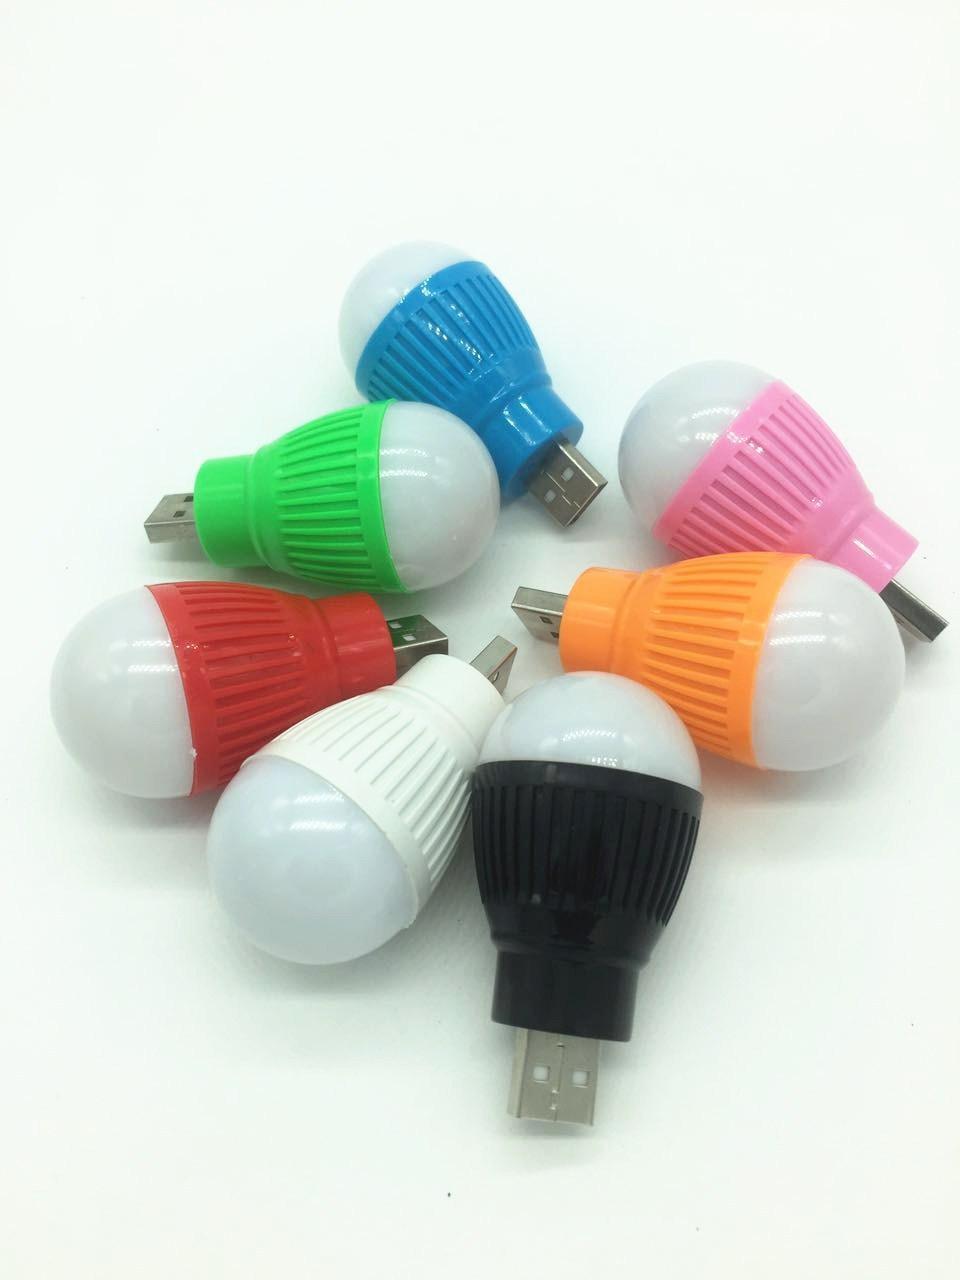 USB ampuller, yeni taşınabilir gece tezgahları, açık kamp, bilgisayar mobil güç, LED acil durum ışıkları